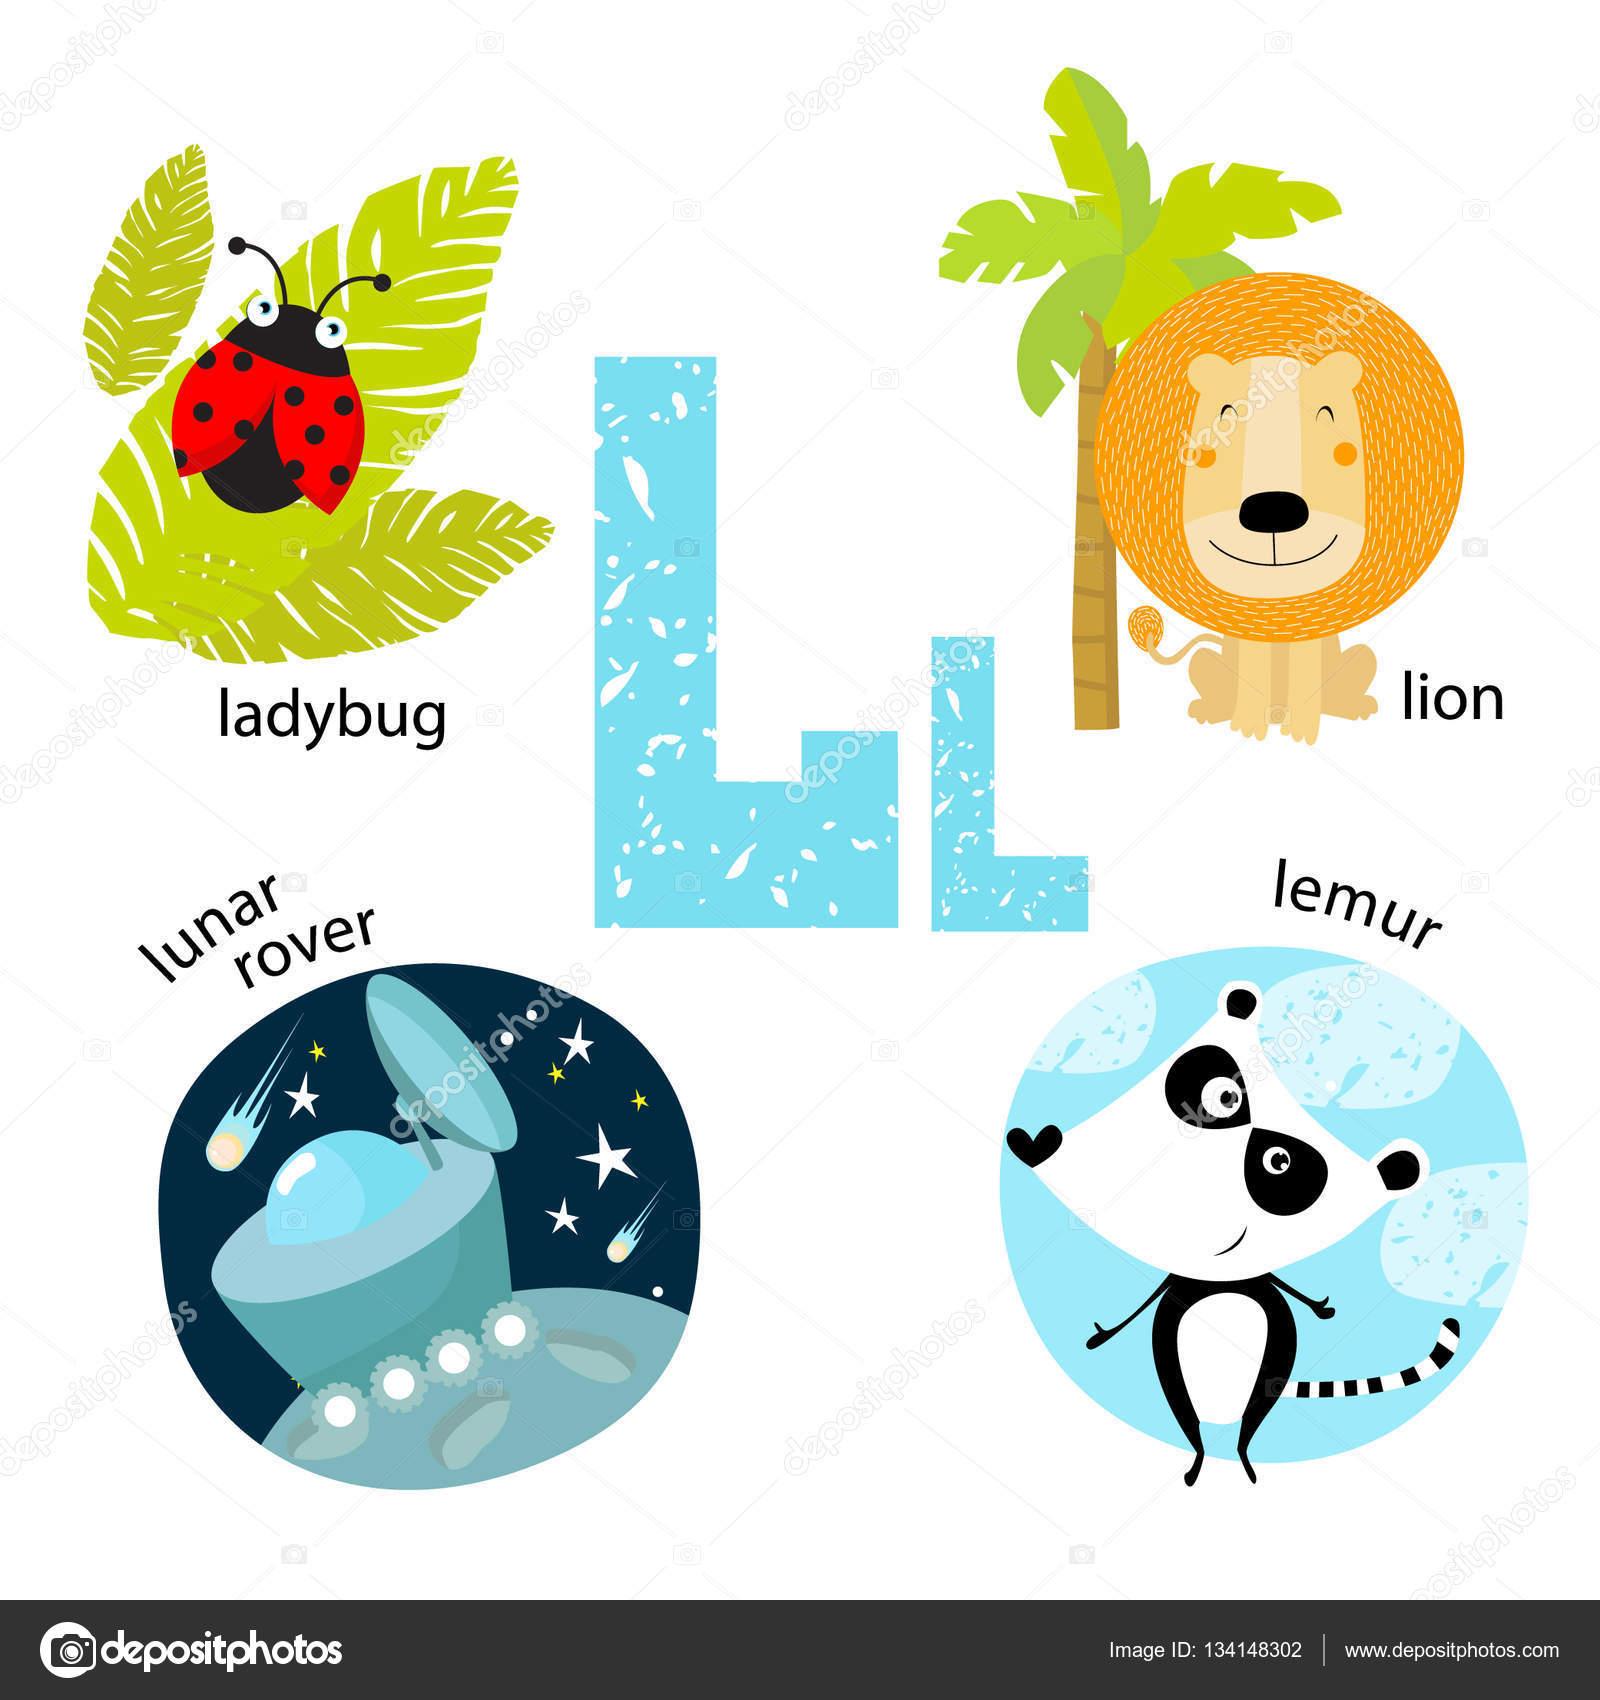 Vector illustration for teaching children the English alphabet.